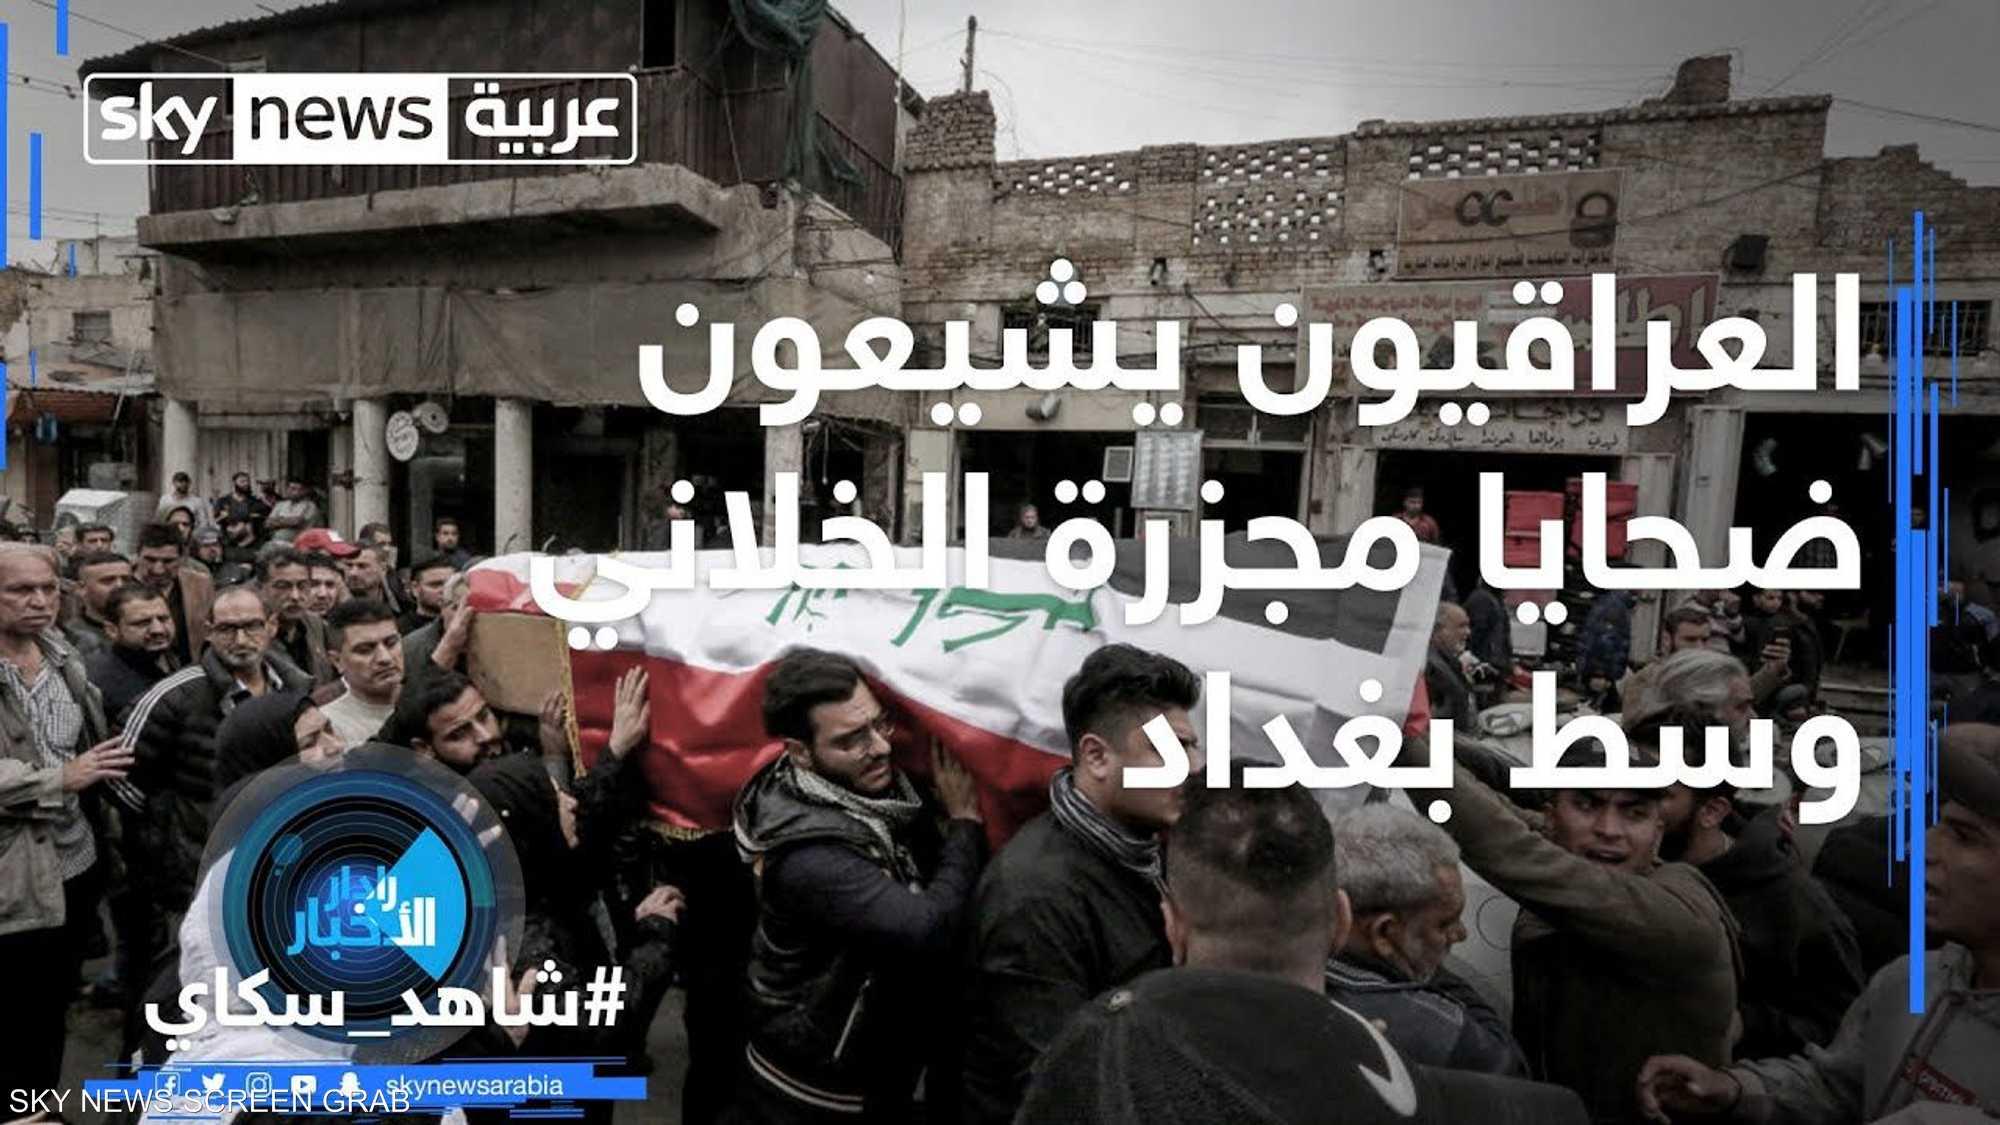 العراقيون يشيعون ضحايا مجزرة الخلاني وسط بغداد